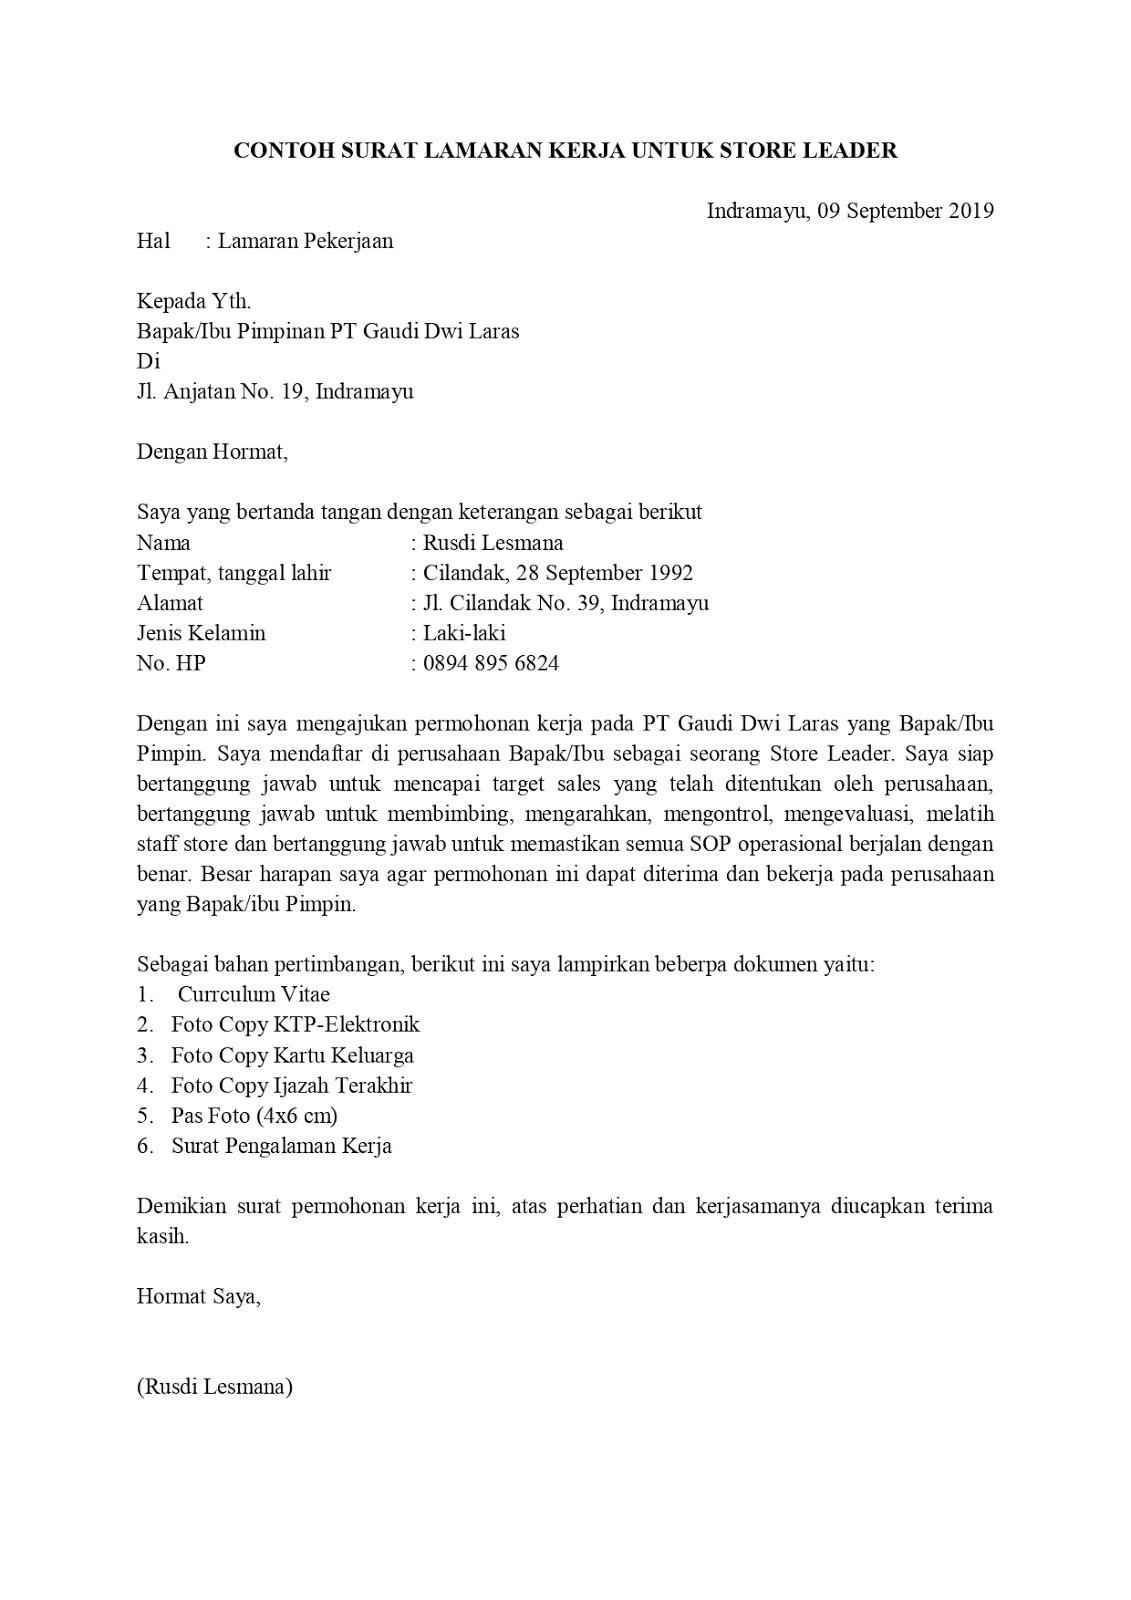 12+ Contoh surat lamaran kerja bisnis manajemen terbaru terbaru